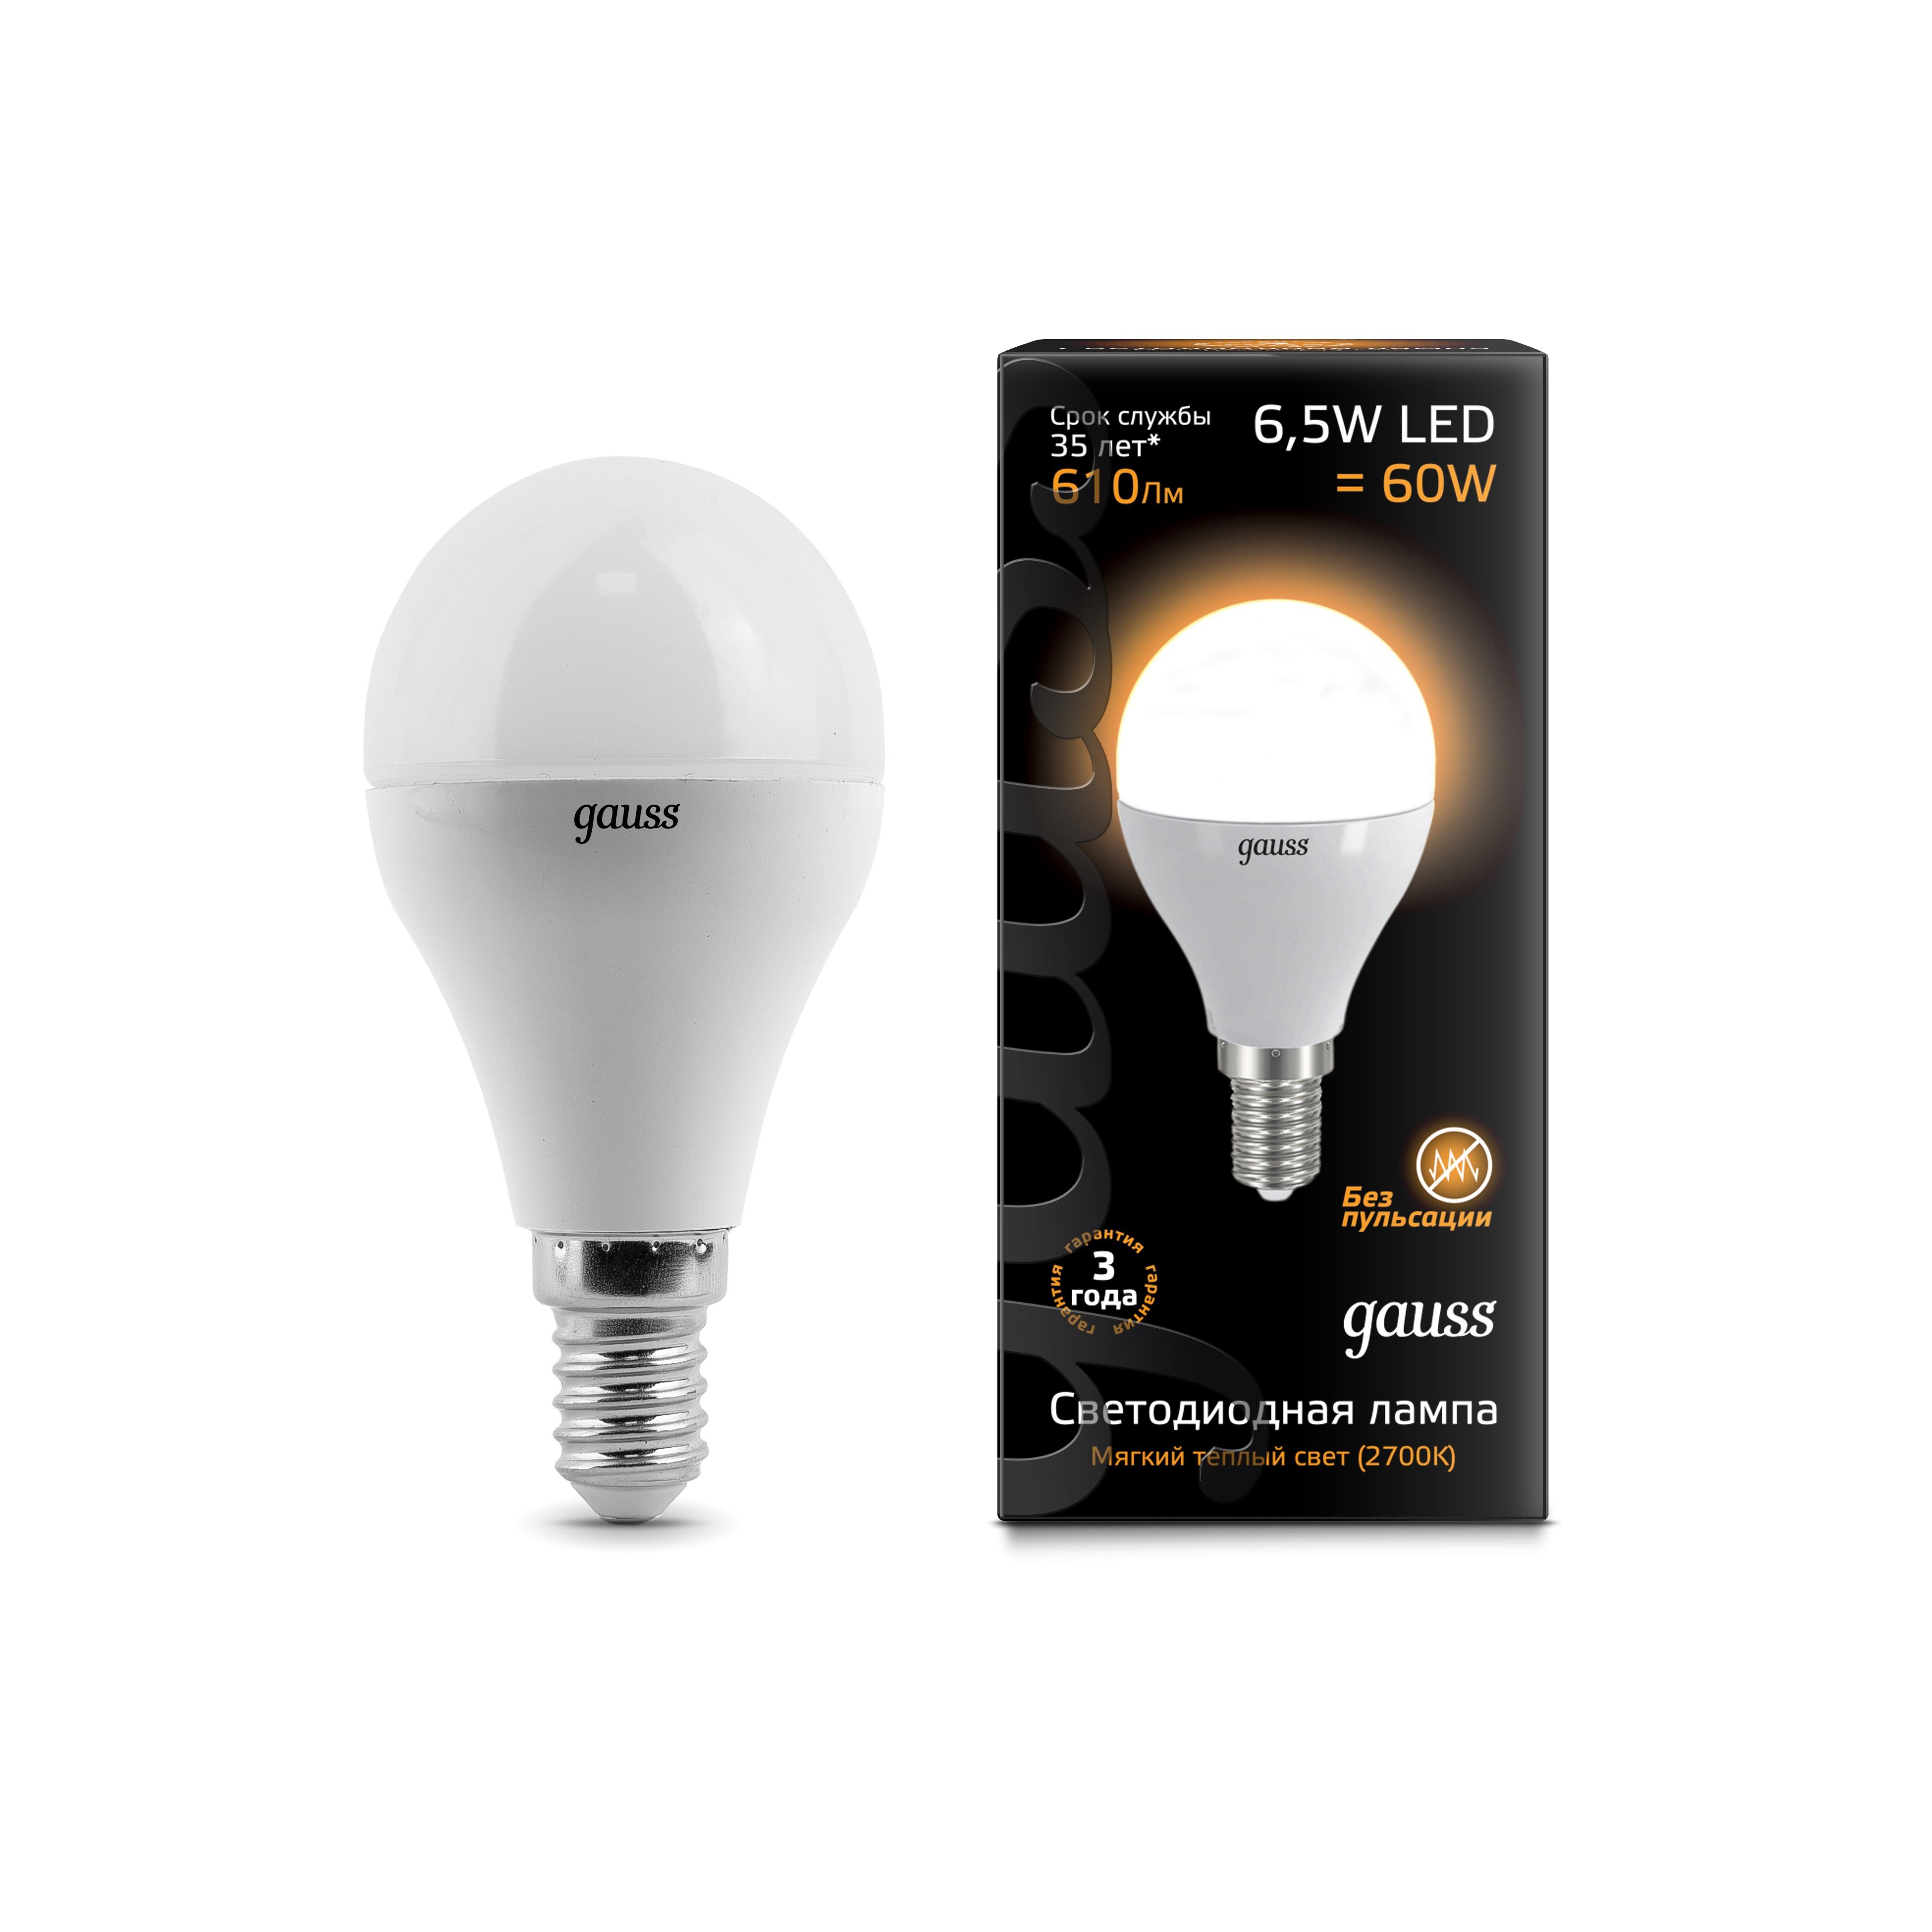 Лампа светодиодная GaussЛампы<br>Тип лампы: светодиодная, Форма лампы: шар, Цвет колбы: белая, Тип цоколя: Е14, Напряжение: 220, Мощность: 6.5, Цветовая температура: 2700, Цвет свечения: теплый<br>